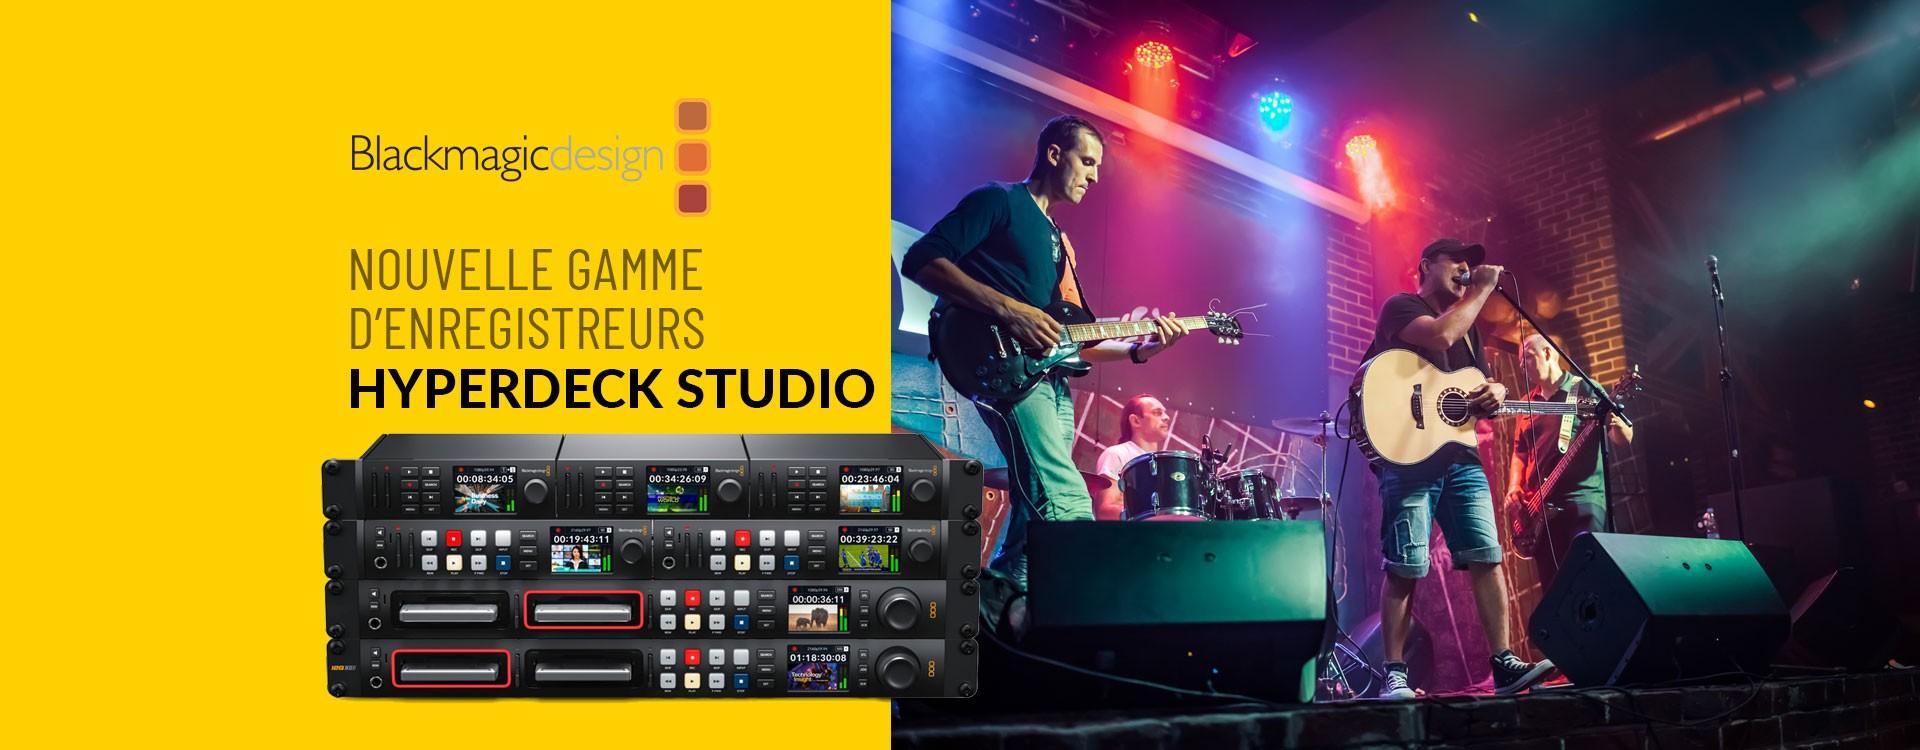 """Blackmagic Design renouvelle sa gamme """"HyperDeck Studio"""""""